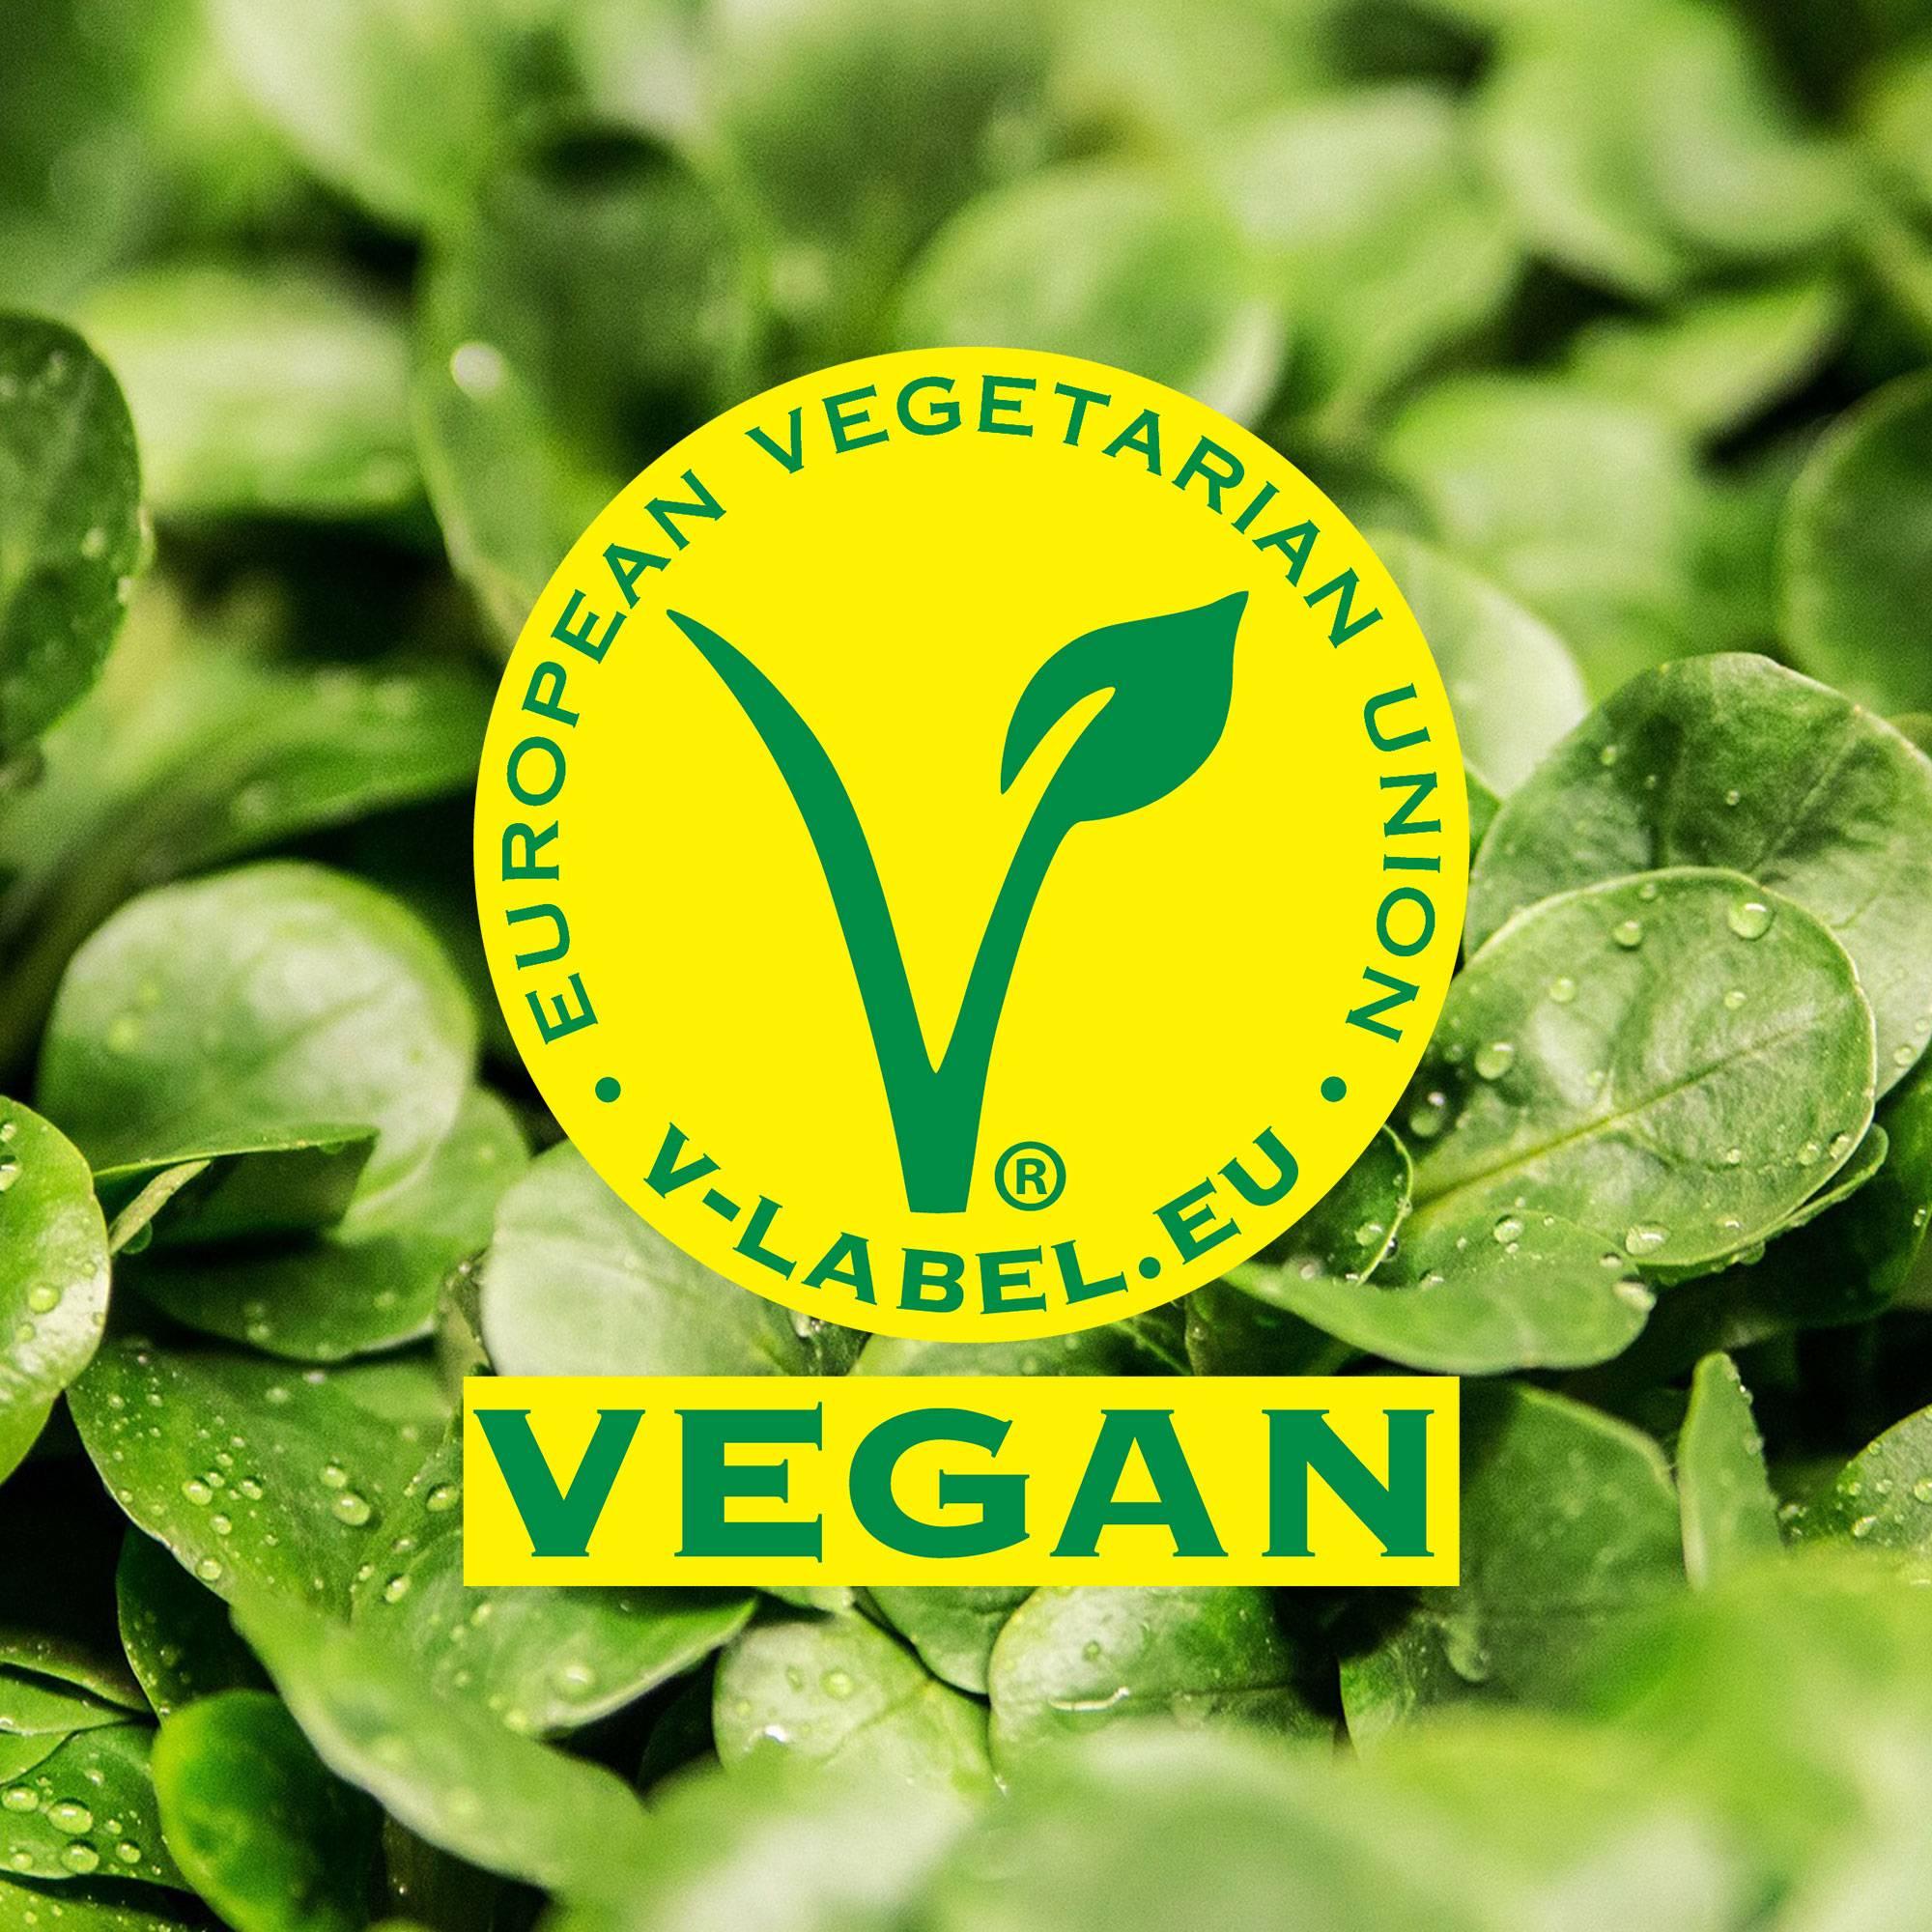 Bonzo Vegan produkter er alle V-mærke certificerede